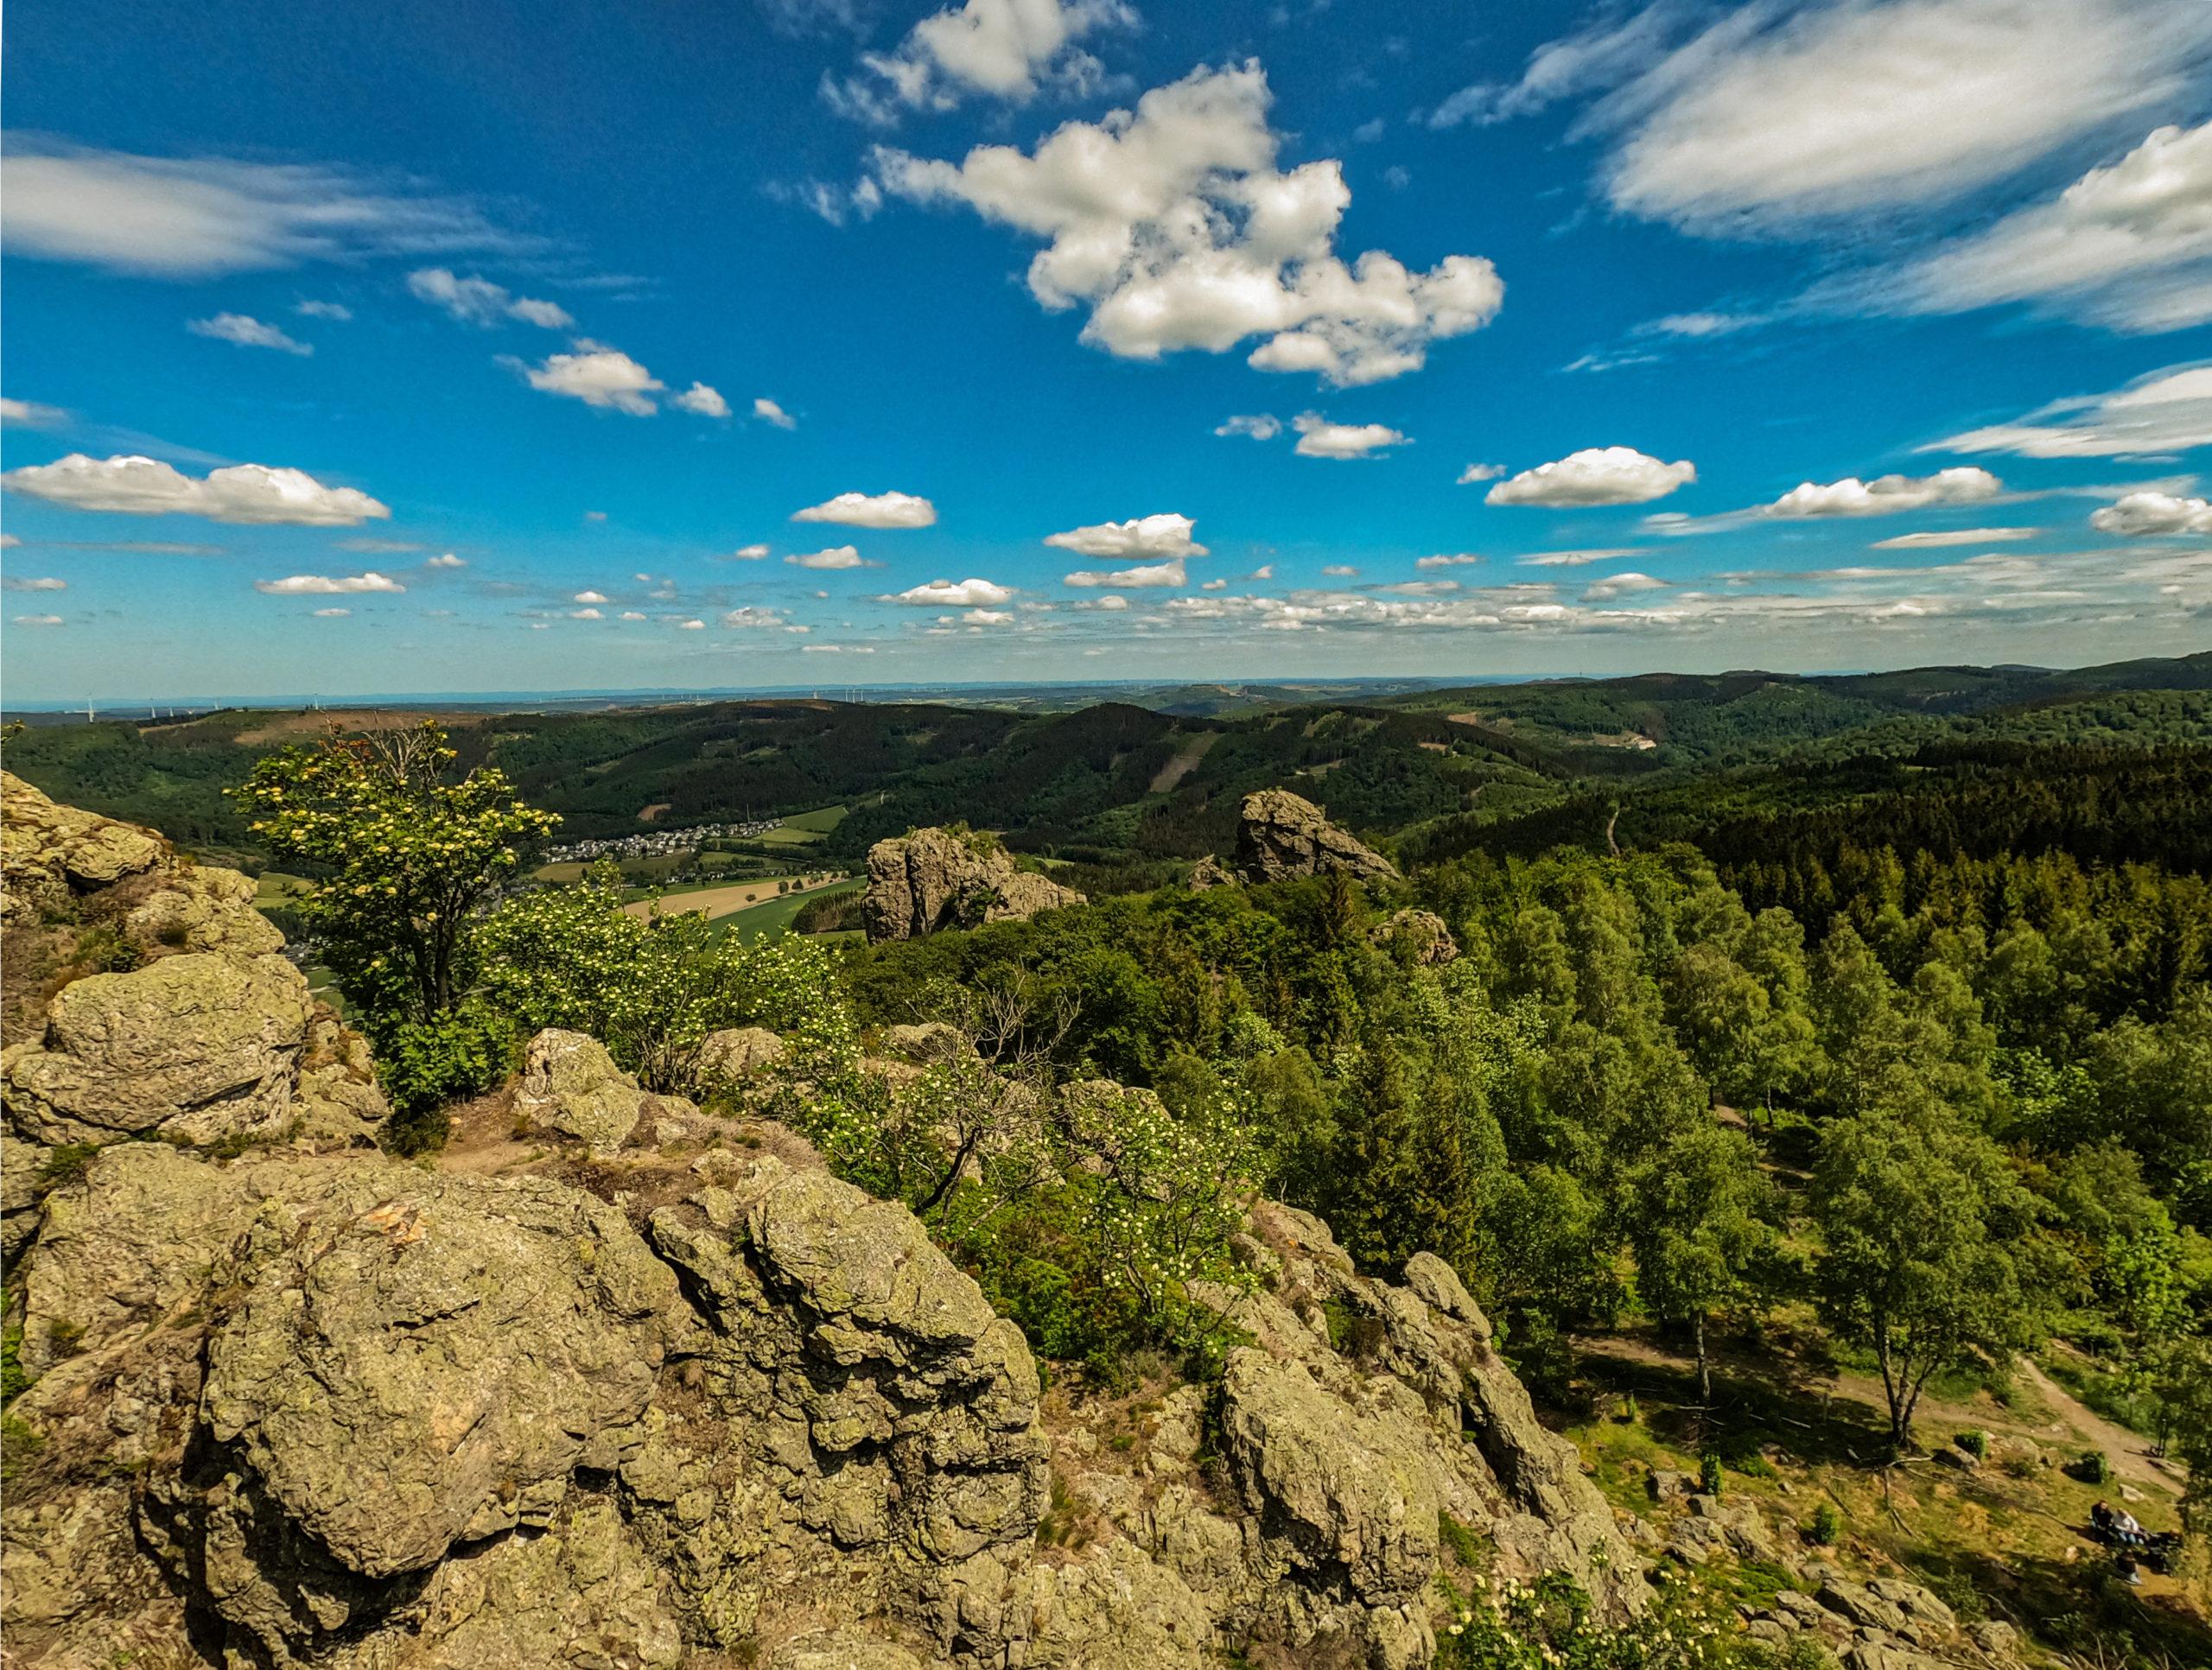 Sommerurlaub Westdeutschland: Bruchhauser Steine mit Panoramablick auf die Waldlandschaft vom Sauerland